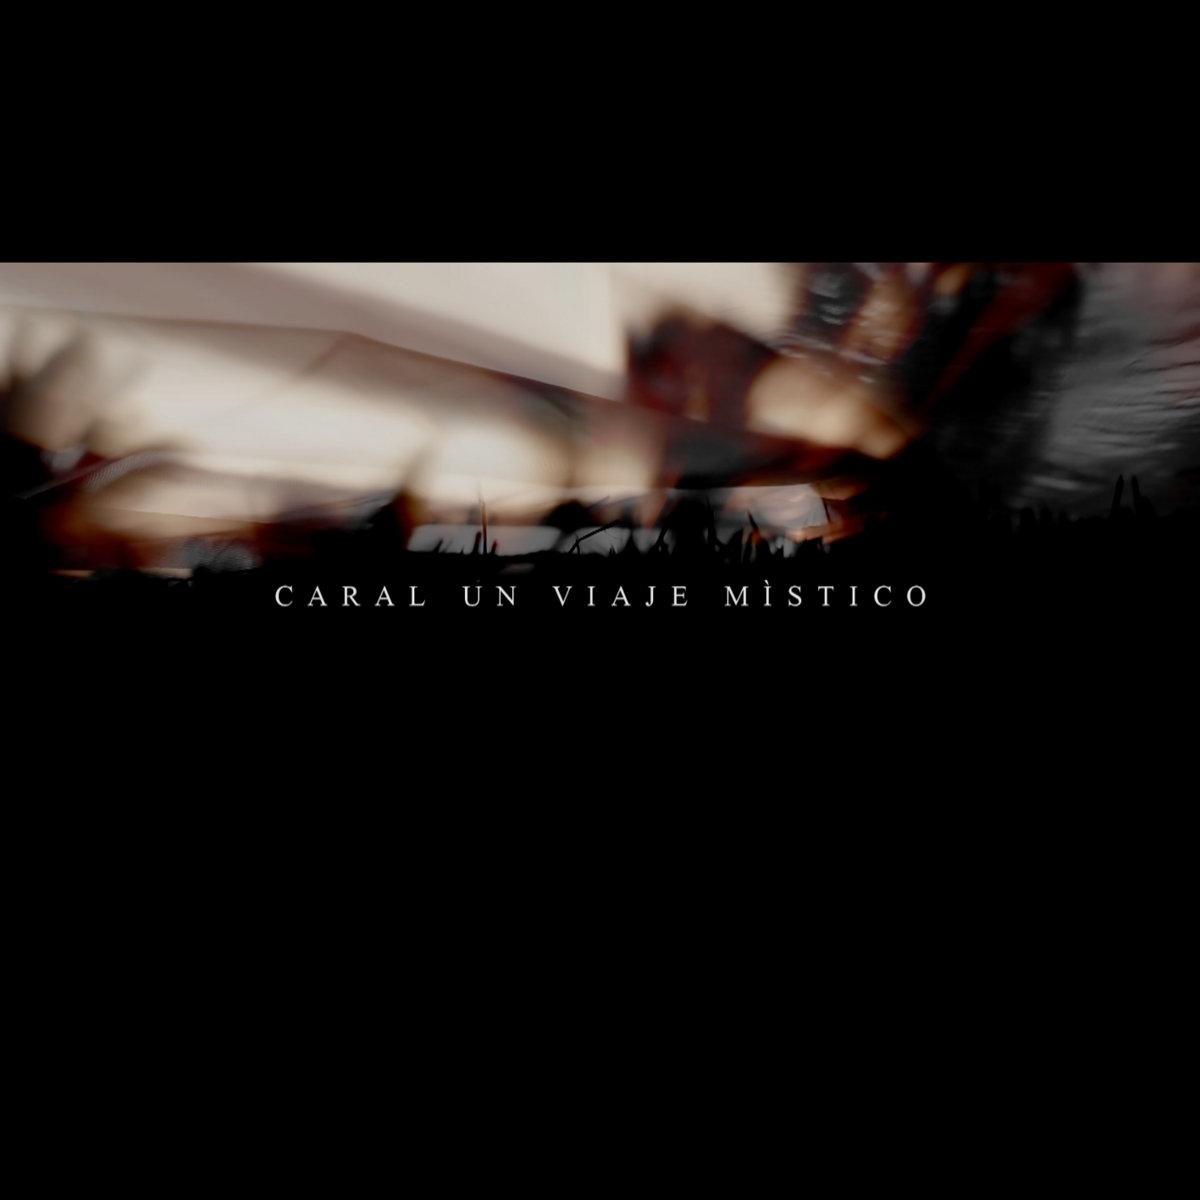 https://dhaturarecords.bandcamp.com/album/caral-un-viaje-mistico-vol2